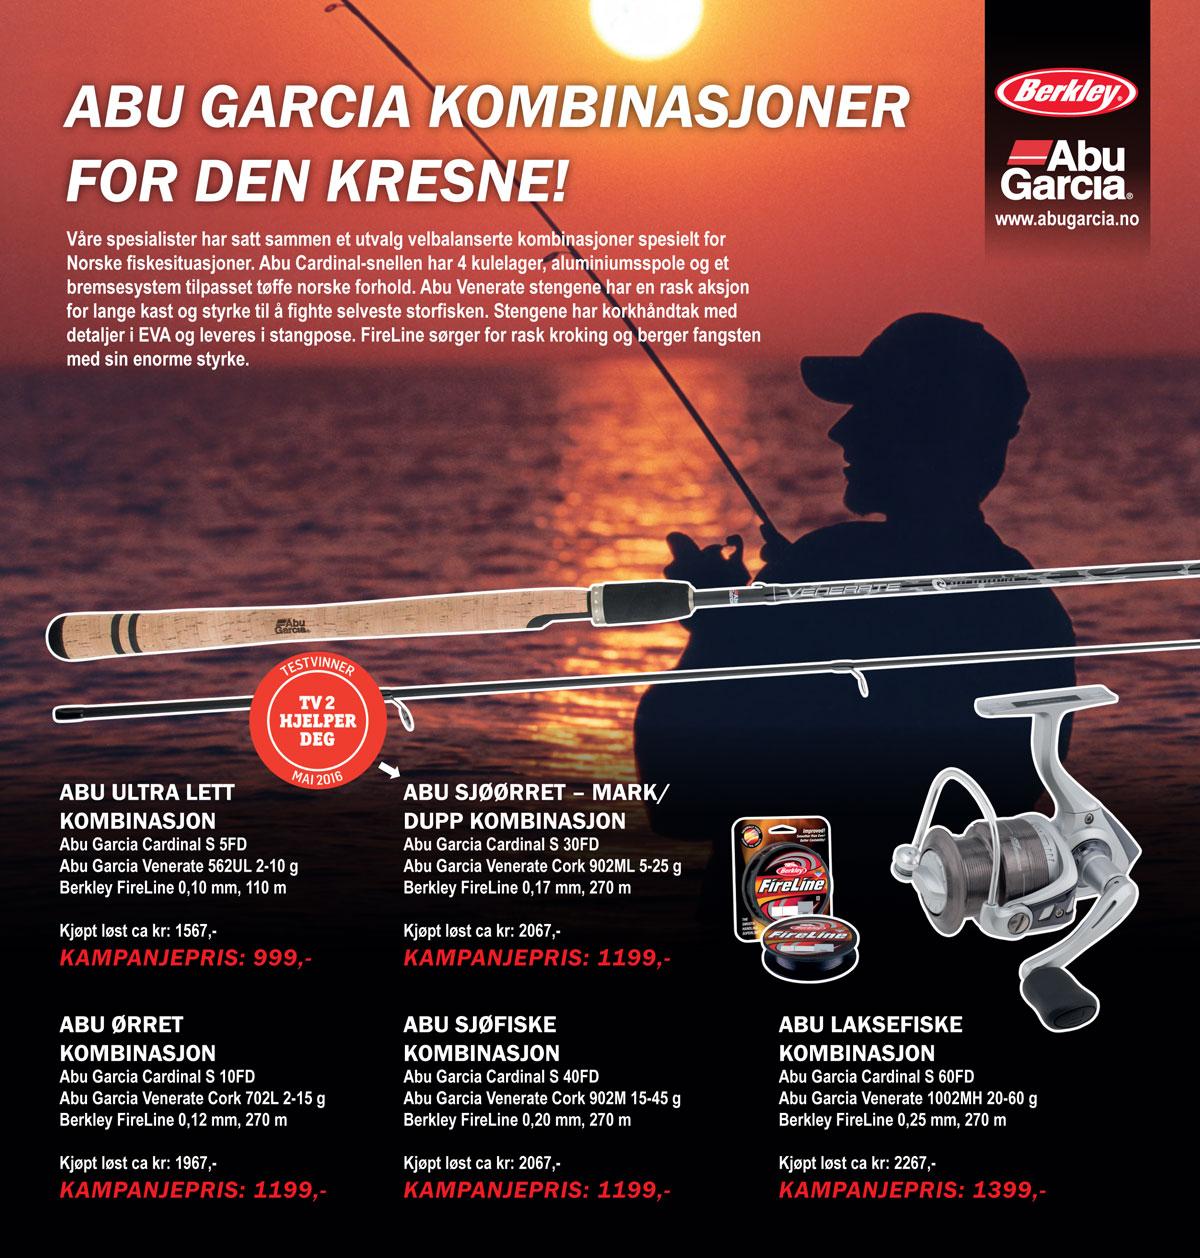 Abu Garcia kombinasjoner for den kresne - Fiskesett - Fiskestang - Fiskesnelle -Testvinner- TV Hjelper deg